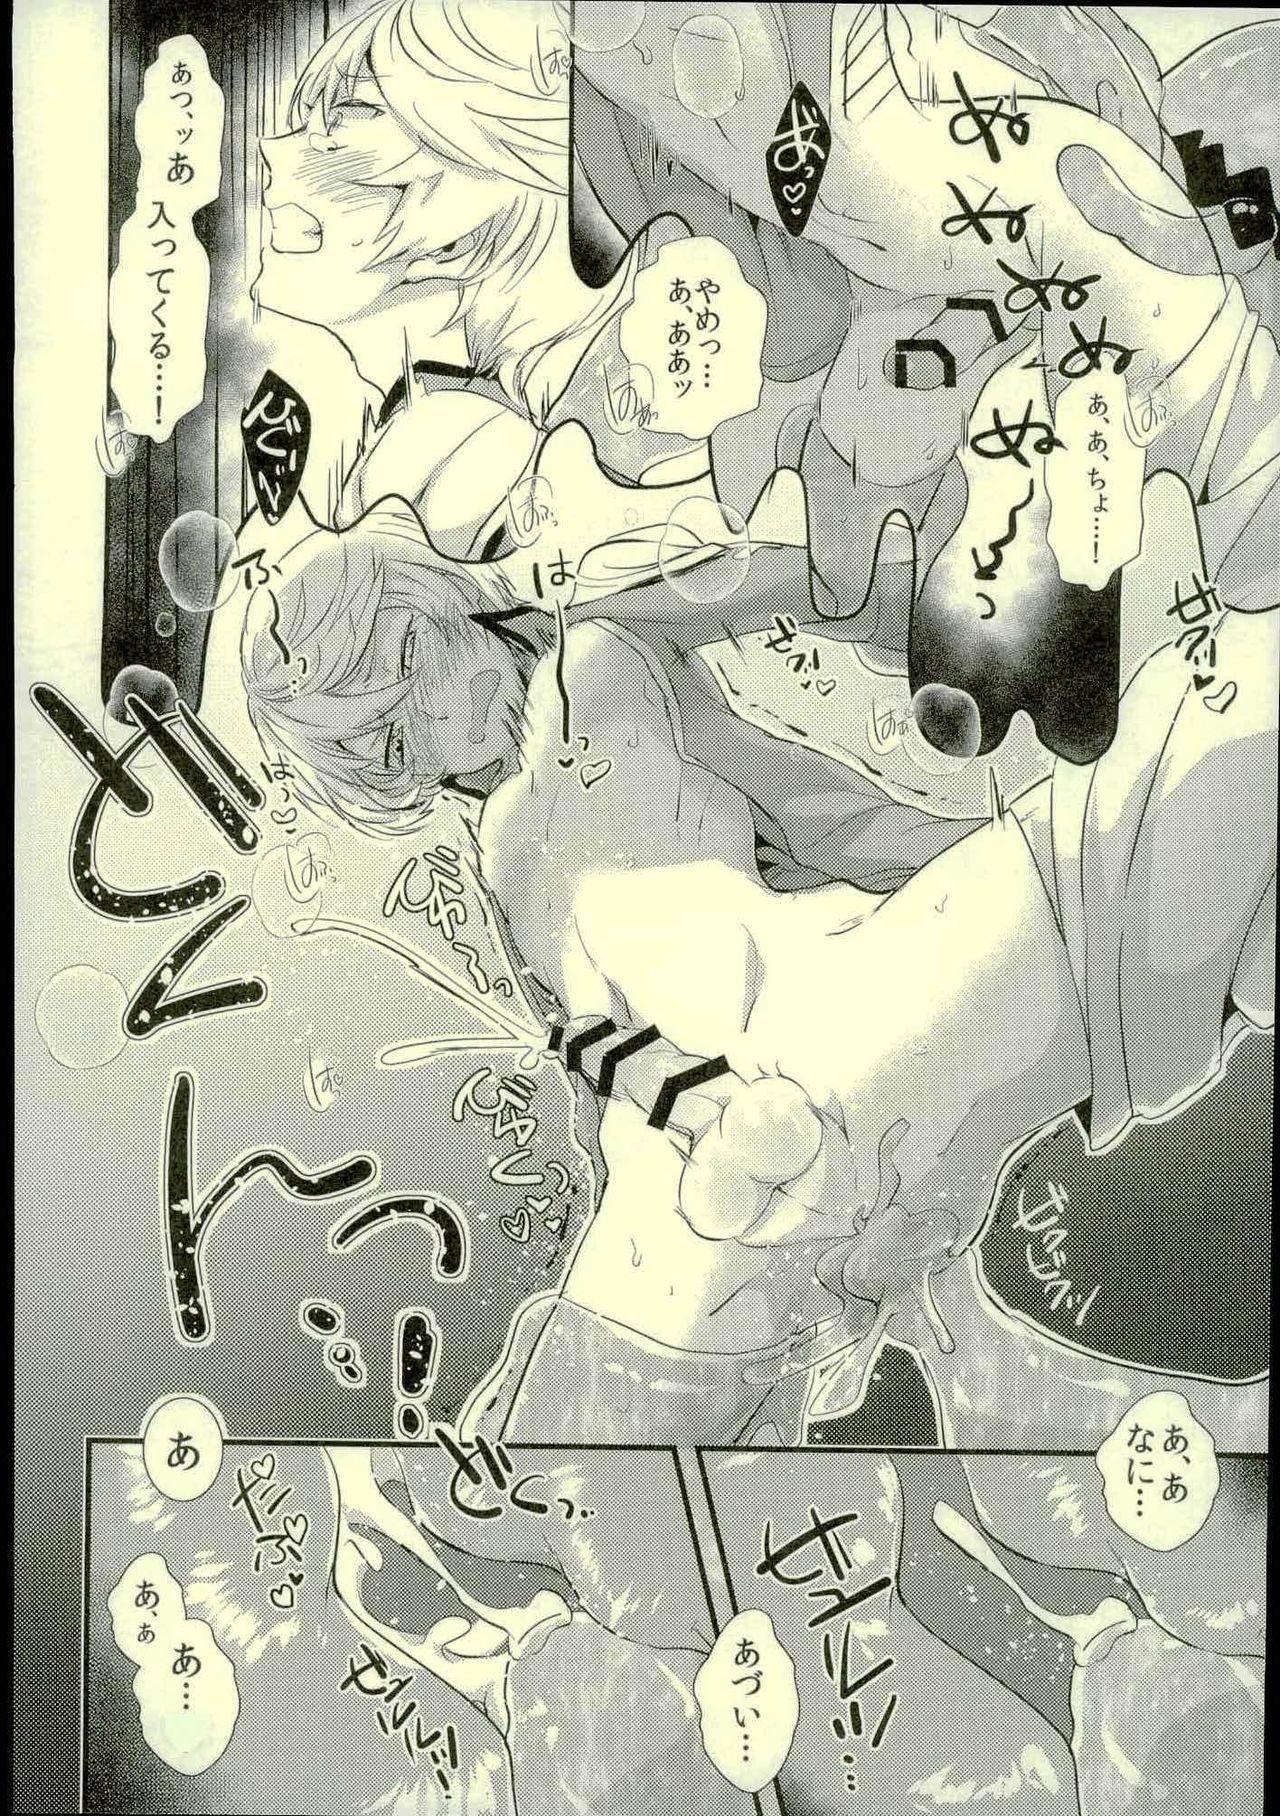 【BL同人誌】神衣脱げなくなったスレイ、疲れる為にミクリオとオナニーしたたはいいけれど・・・憑魔に目をつけられた二人は、一緒にそのまま憑魔の触手に犯されまくっちゃうwwww【テイルズ オブ ゼスティリア】 013